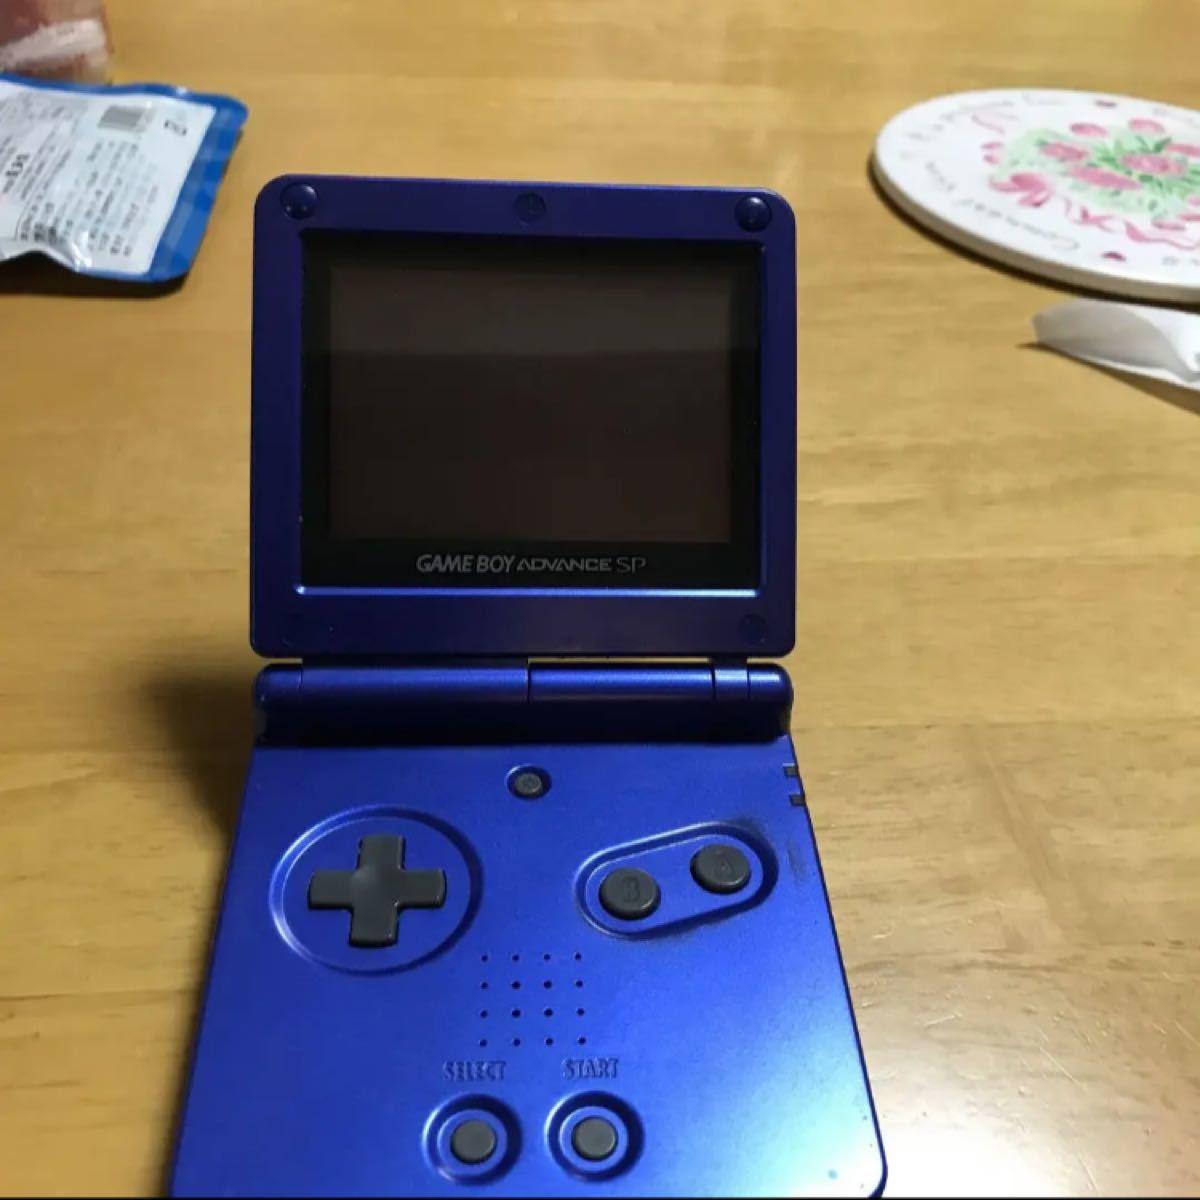 ゲームボーイアドバンスSP 任天堂 GBA